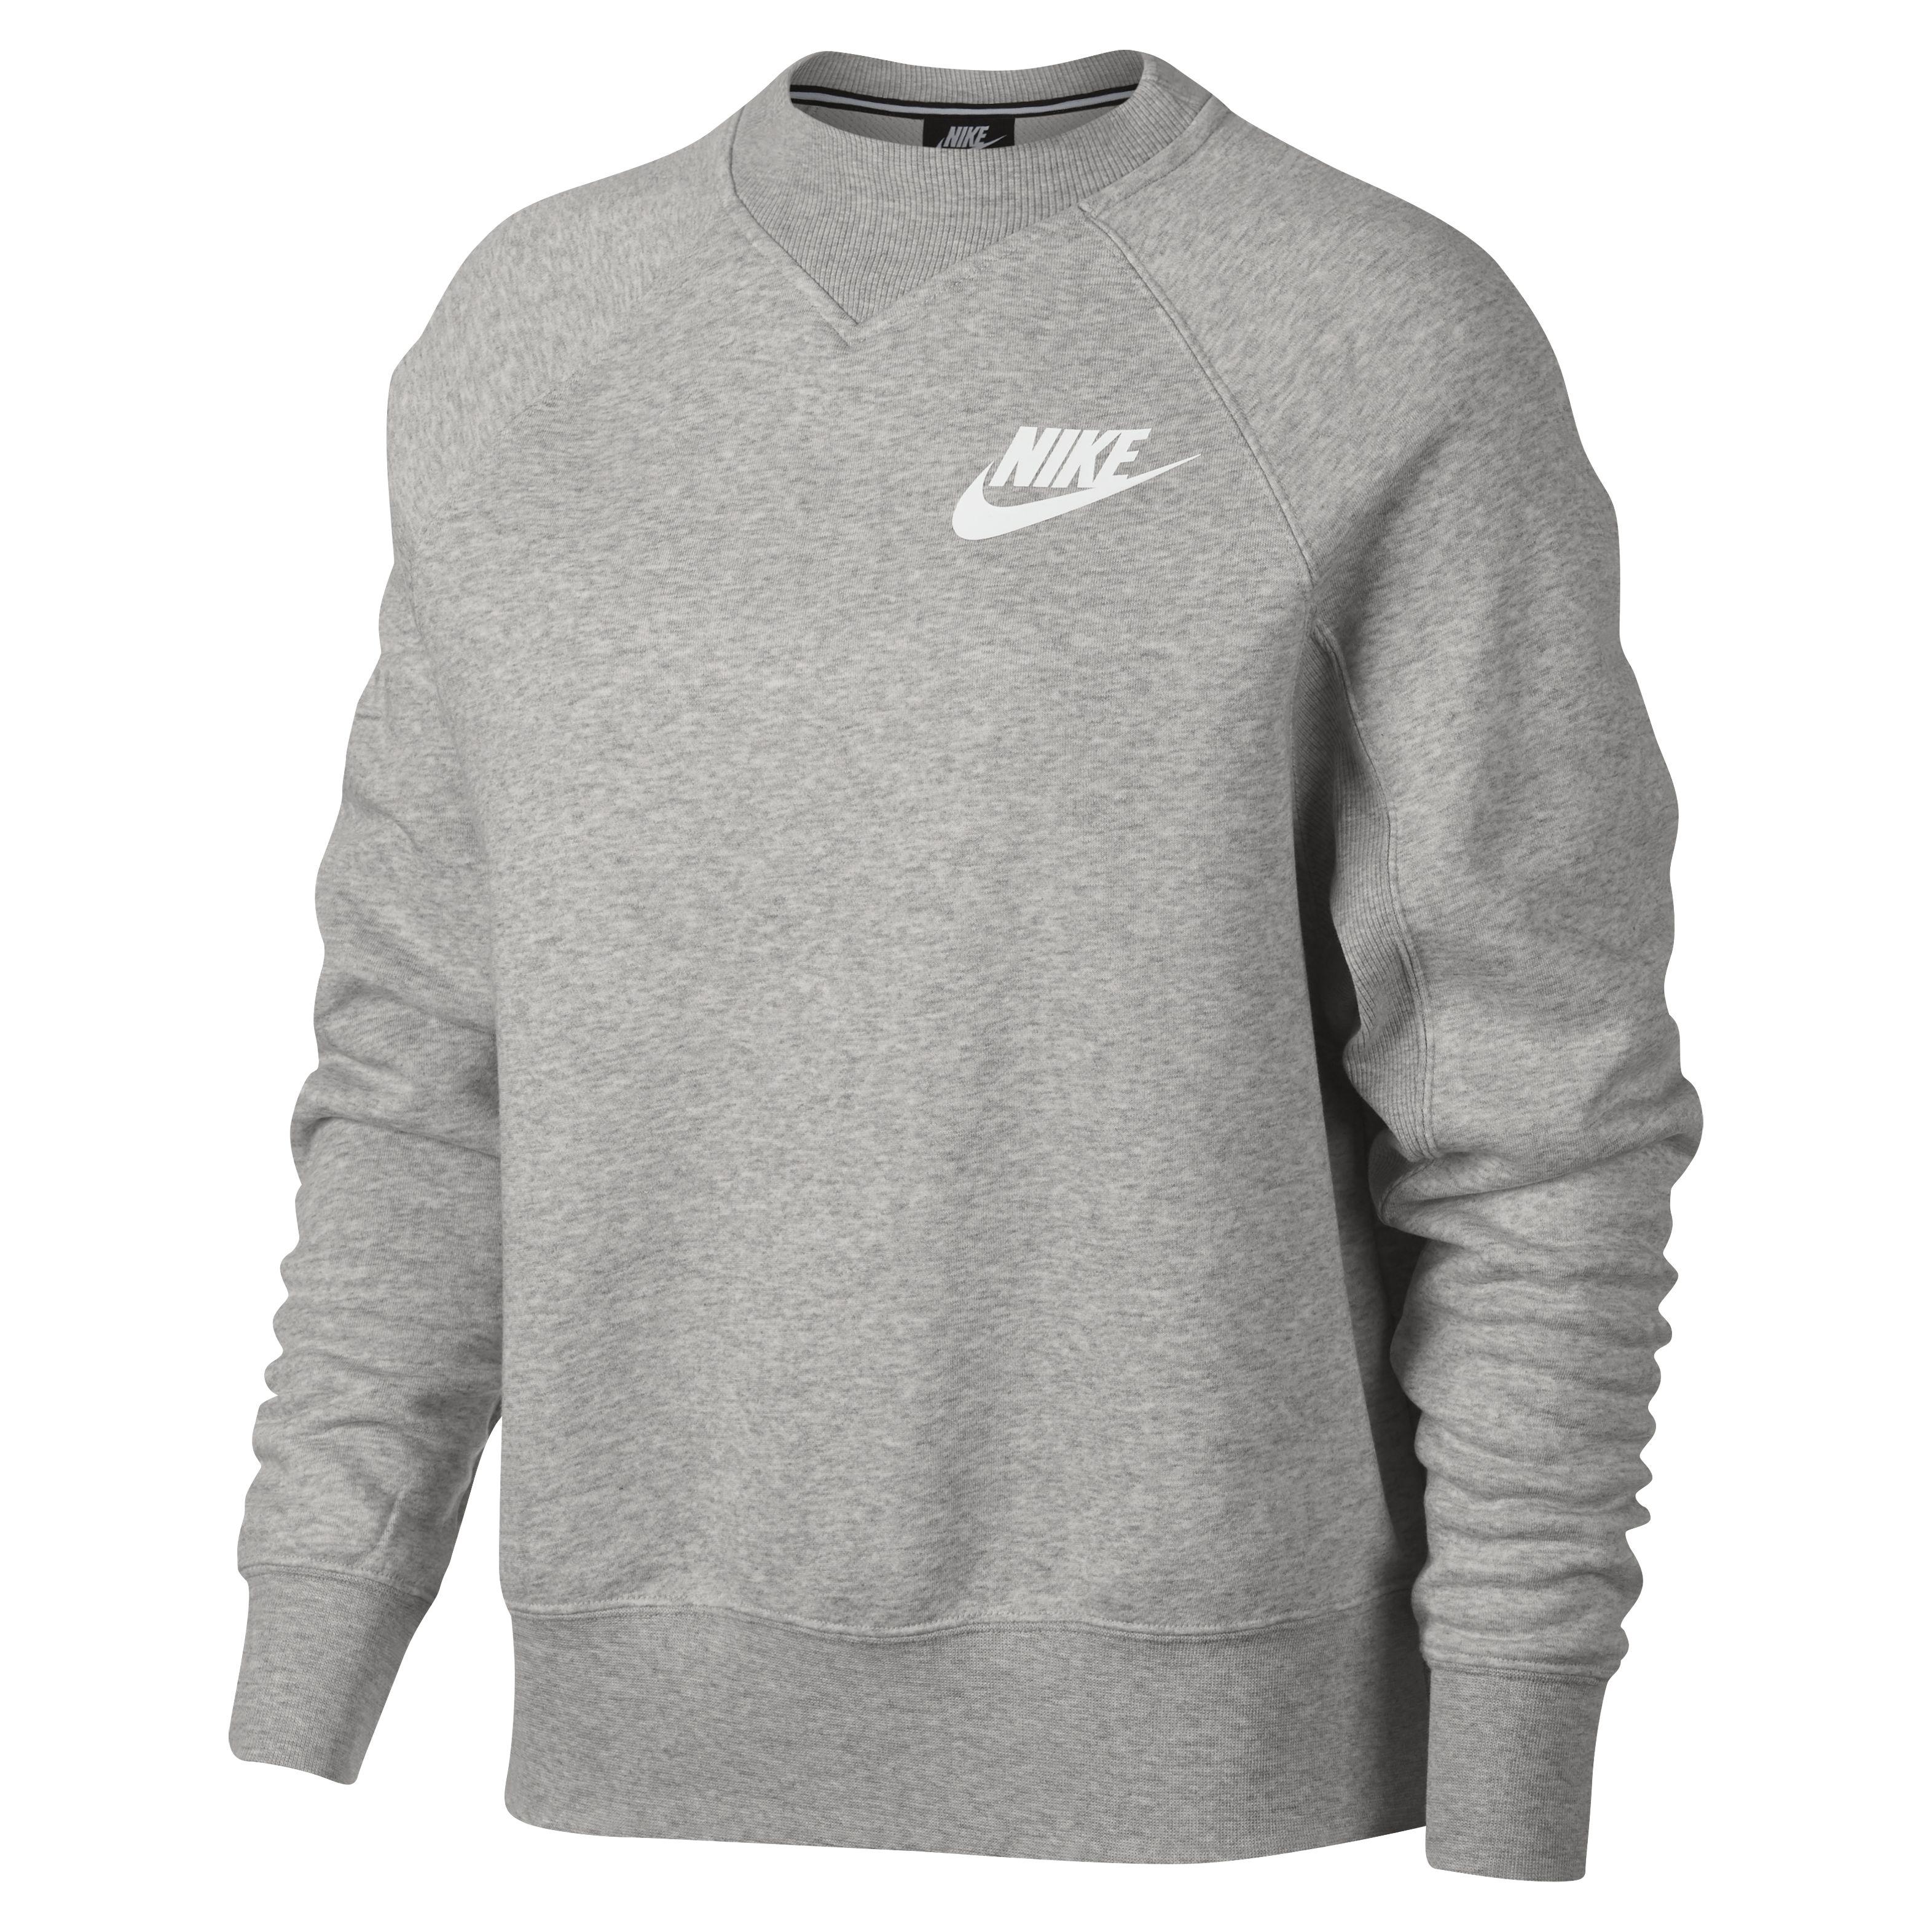 2d855d4ae82f Толстовки от Nike (930907-050) - продажа, цена, фото, описание